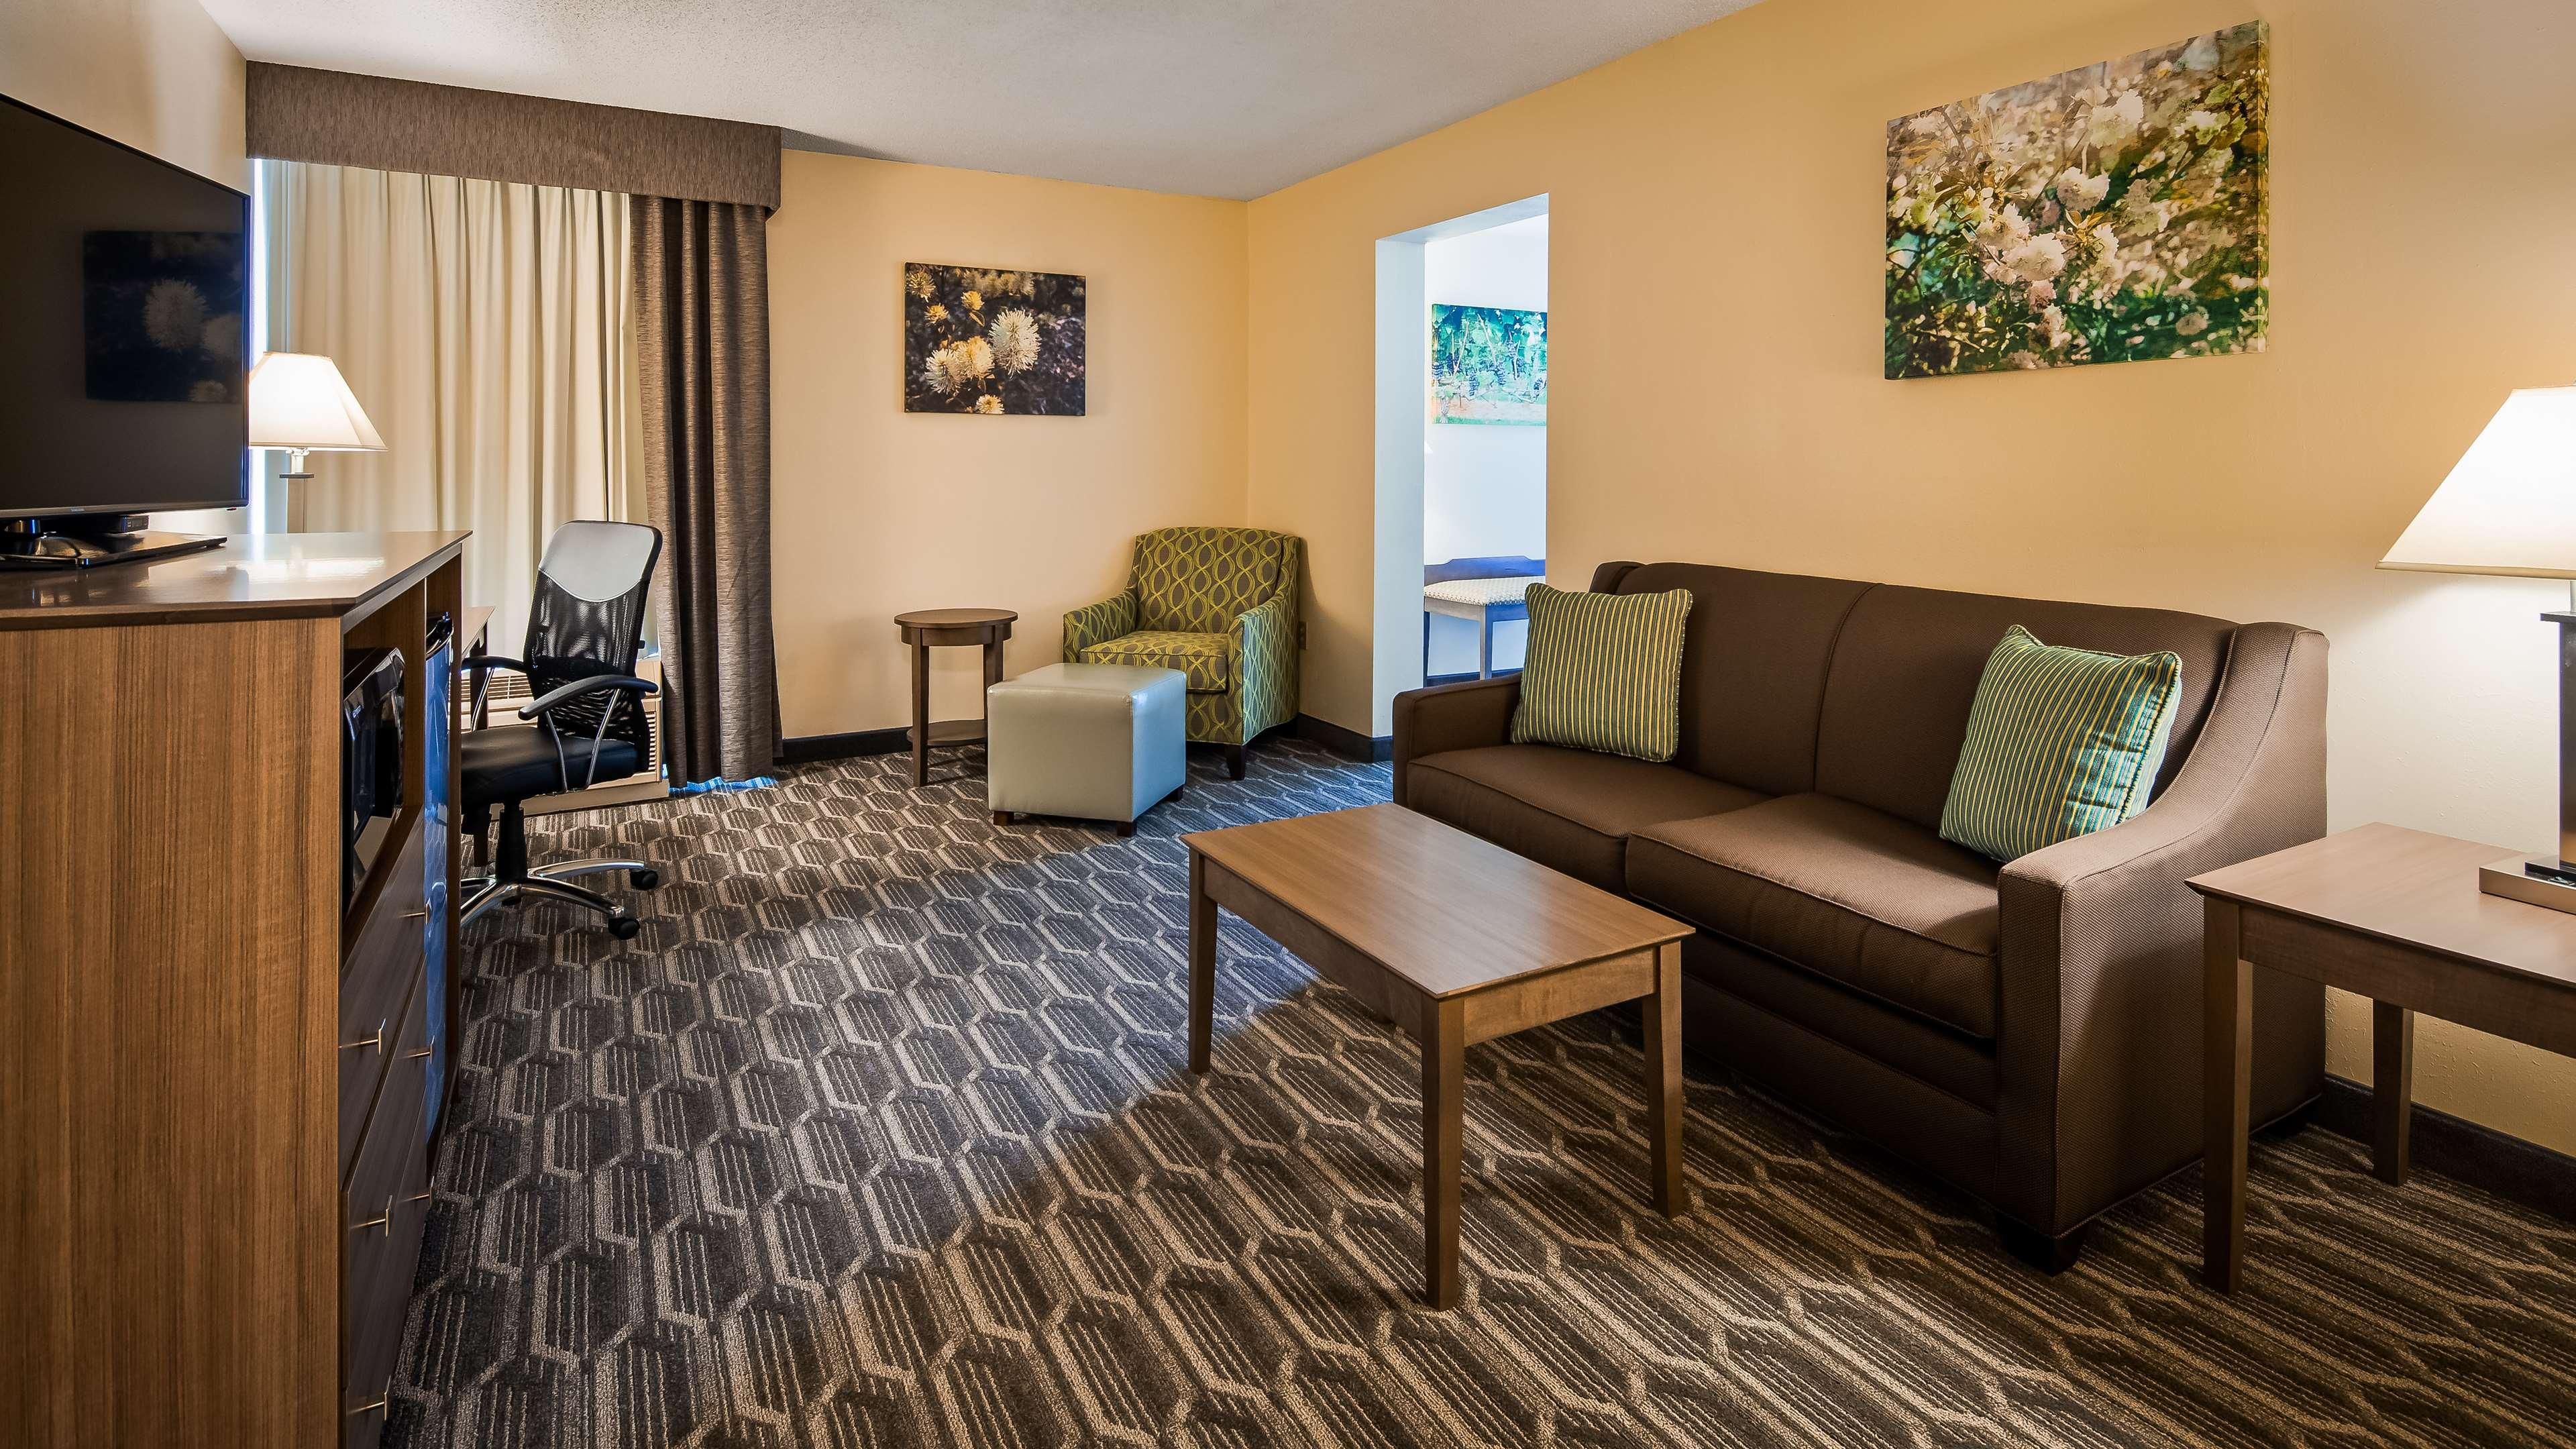 Best Western Plus Yadkin Valley Inn & Suites image 21